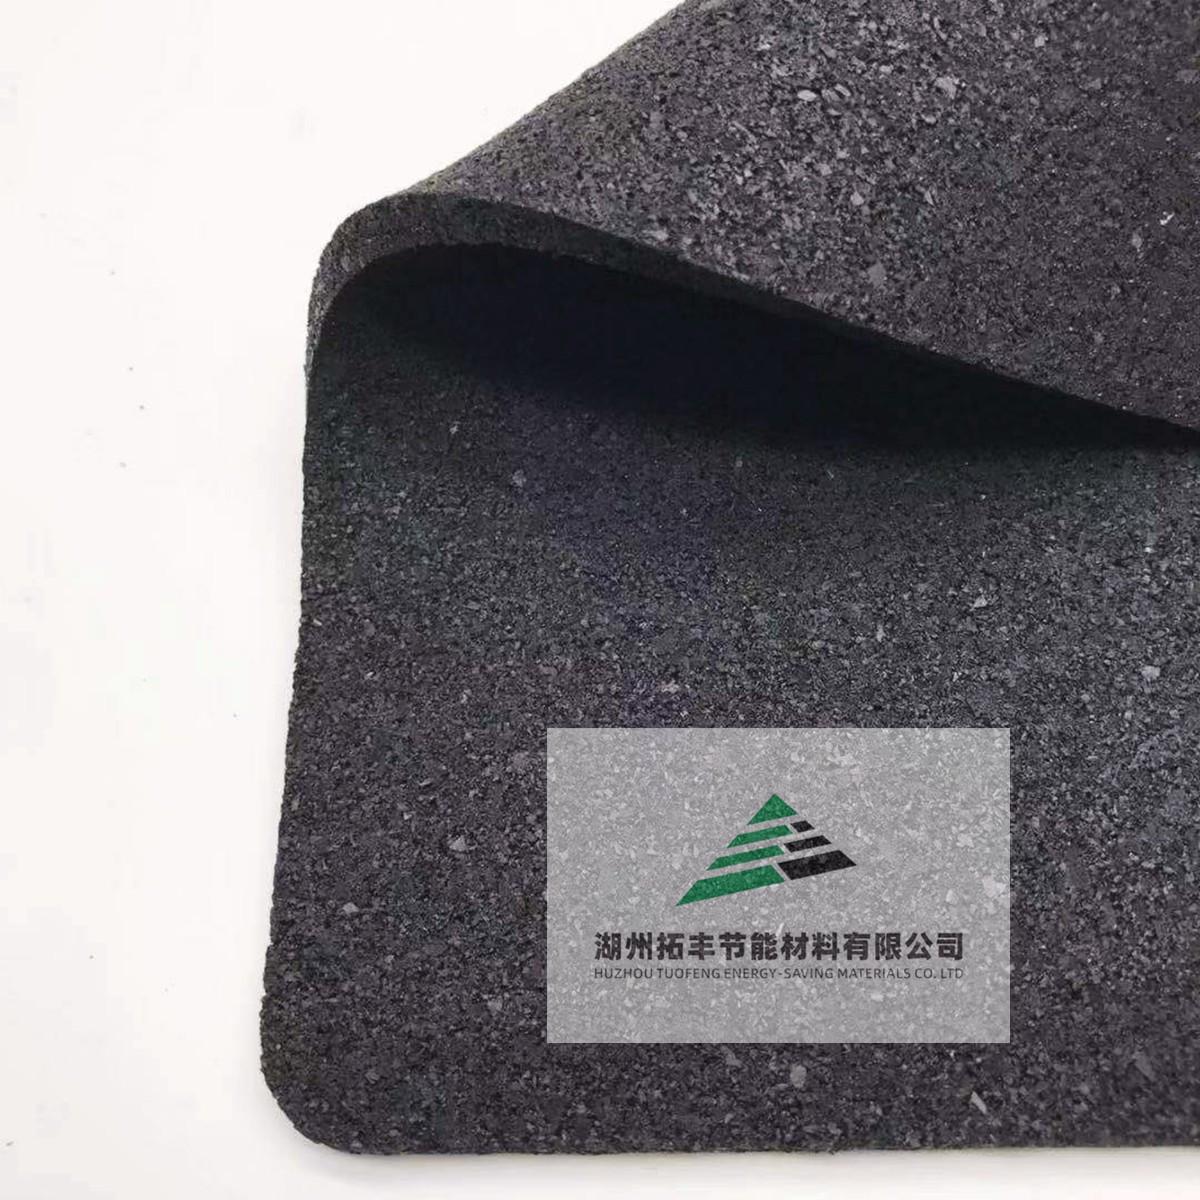 5厚橡胶隔音垫,建筑隔音减震专用,彩色橡胶颗粒地垫,橡胶颗粒地垫,酒店隔音垫